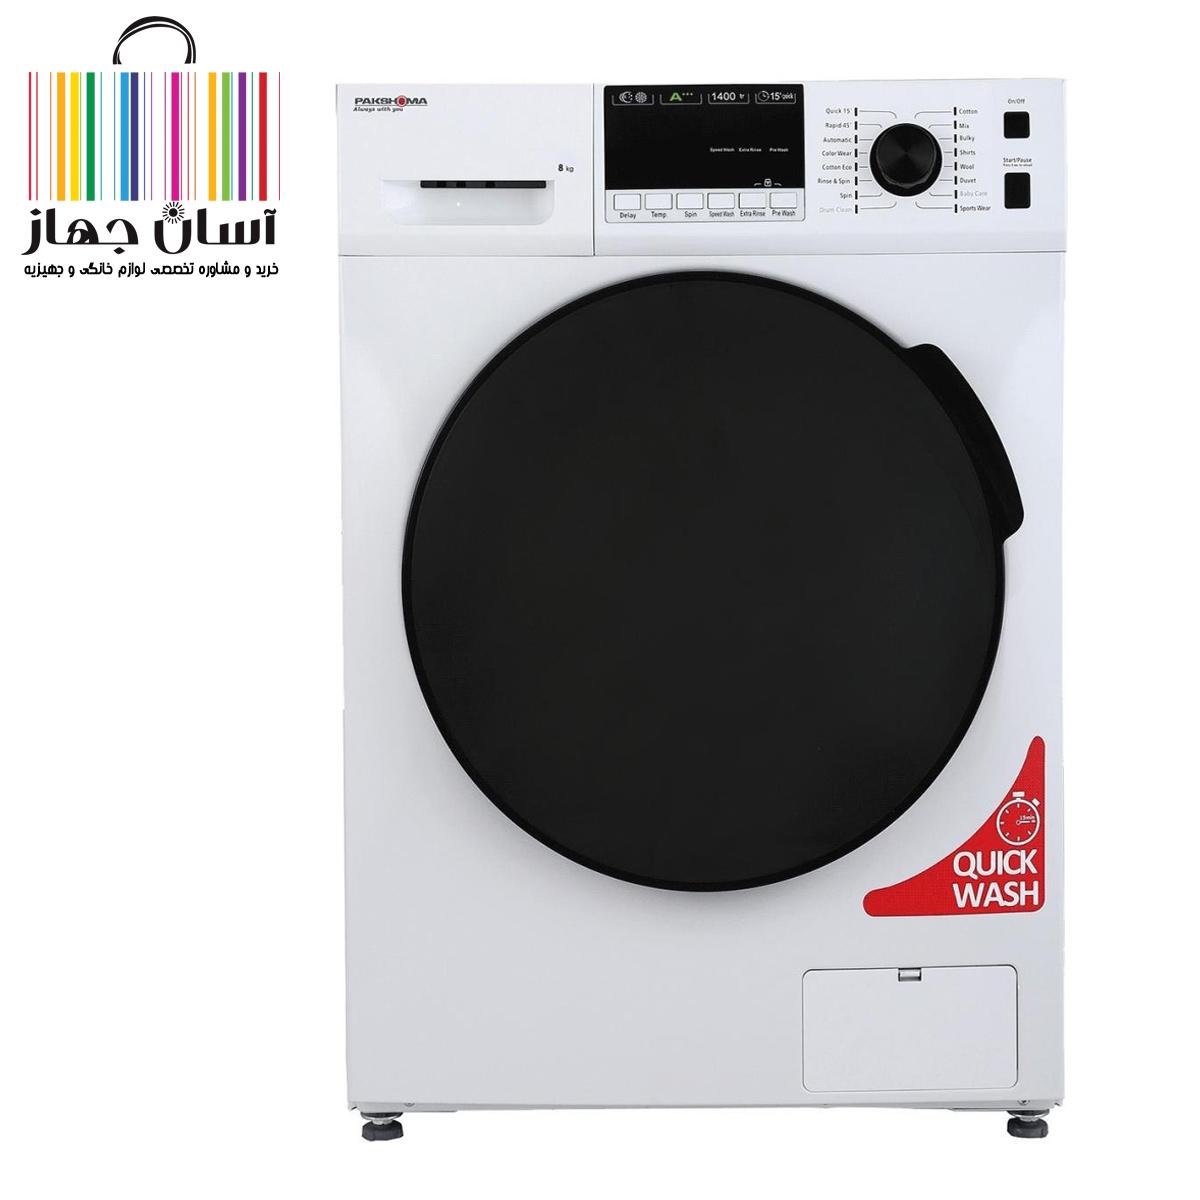 ماشین لباسشویی پاکشوما مدل TFU-74401 ST